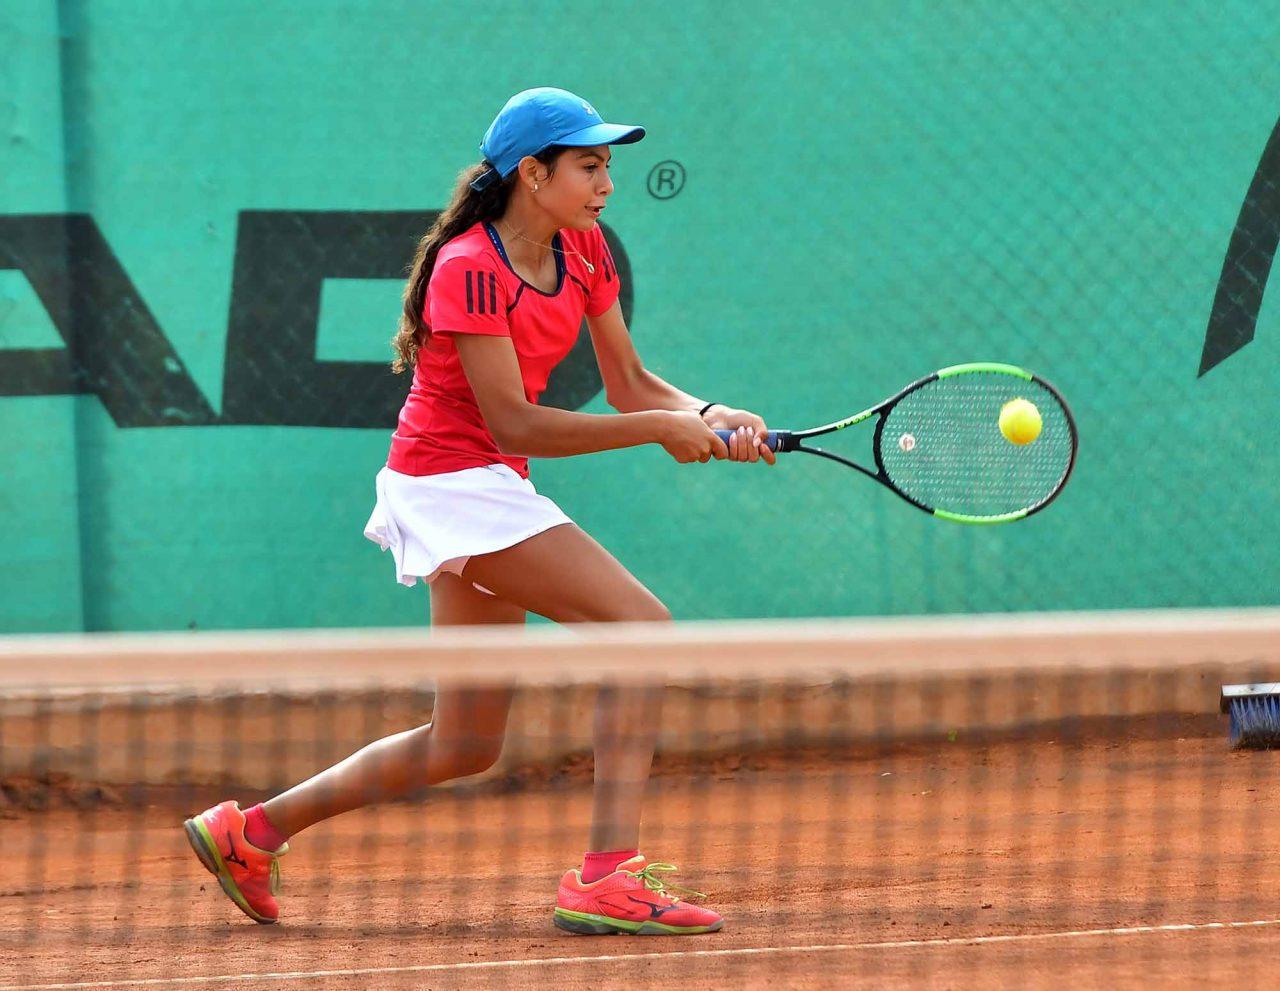 Държавно първенство тенис до 14 год. ТК 15-40 момичета (8)